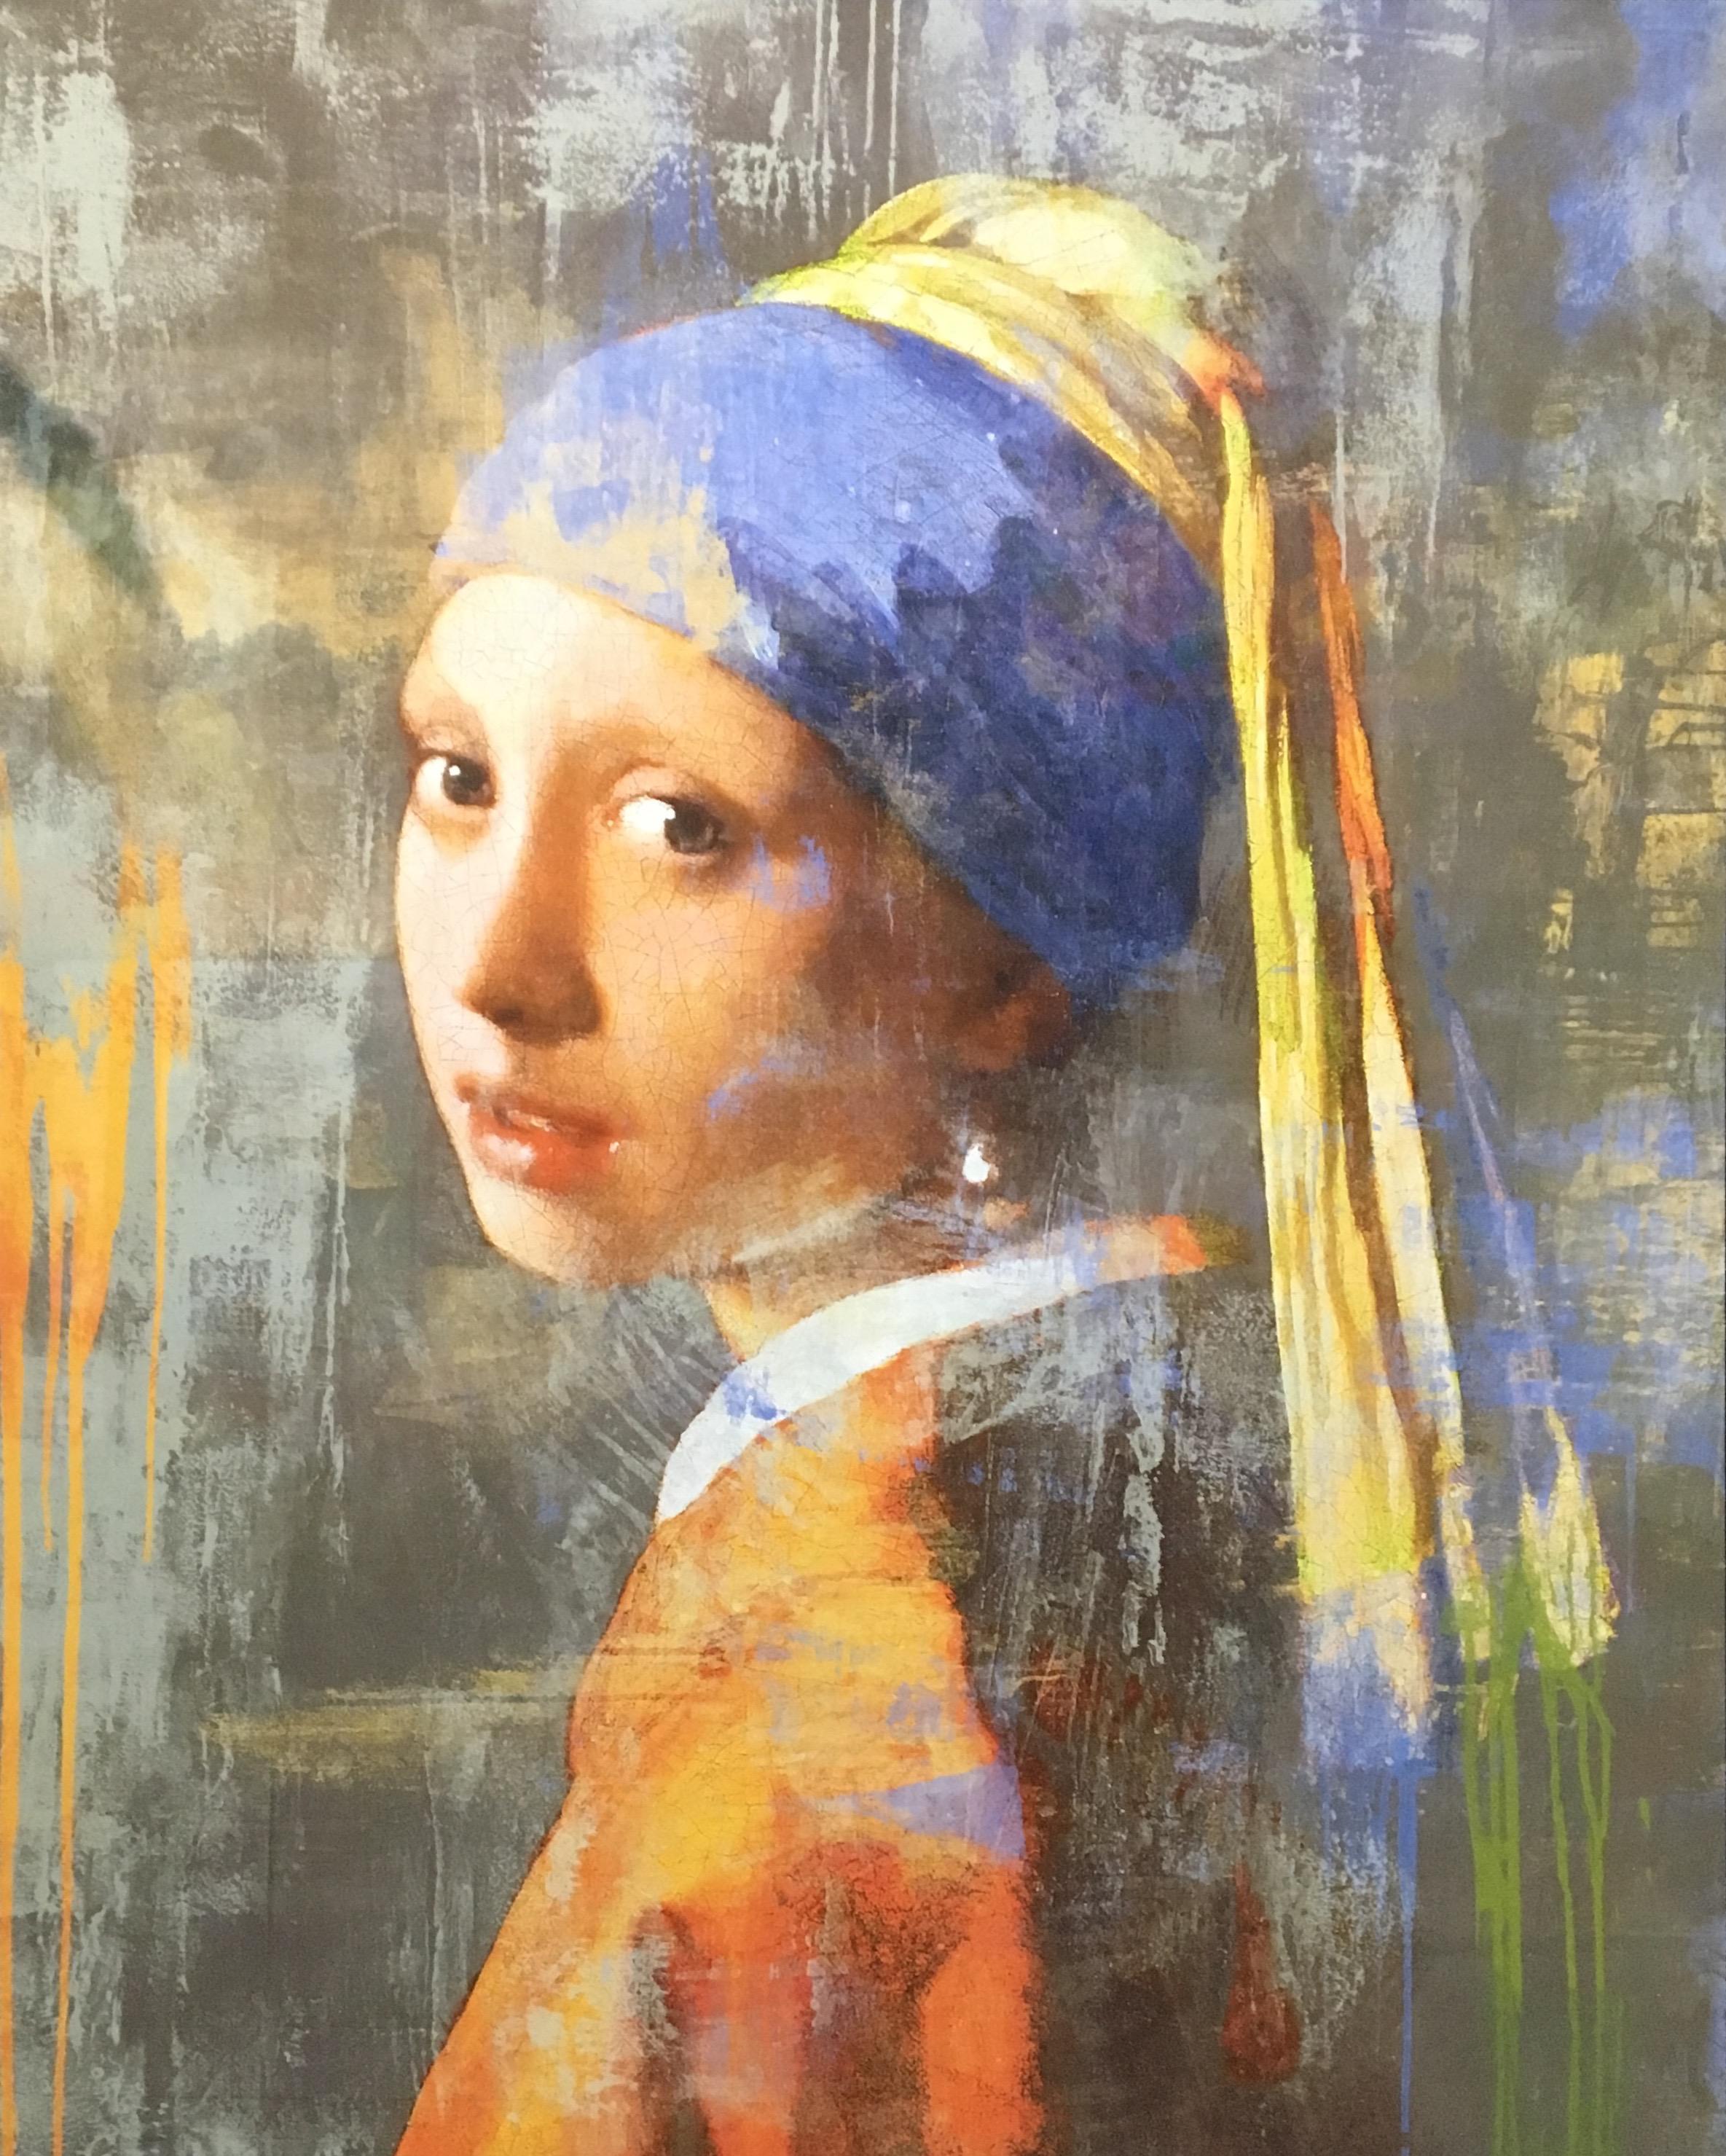 Foto op glas 'Meisje met de parel'